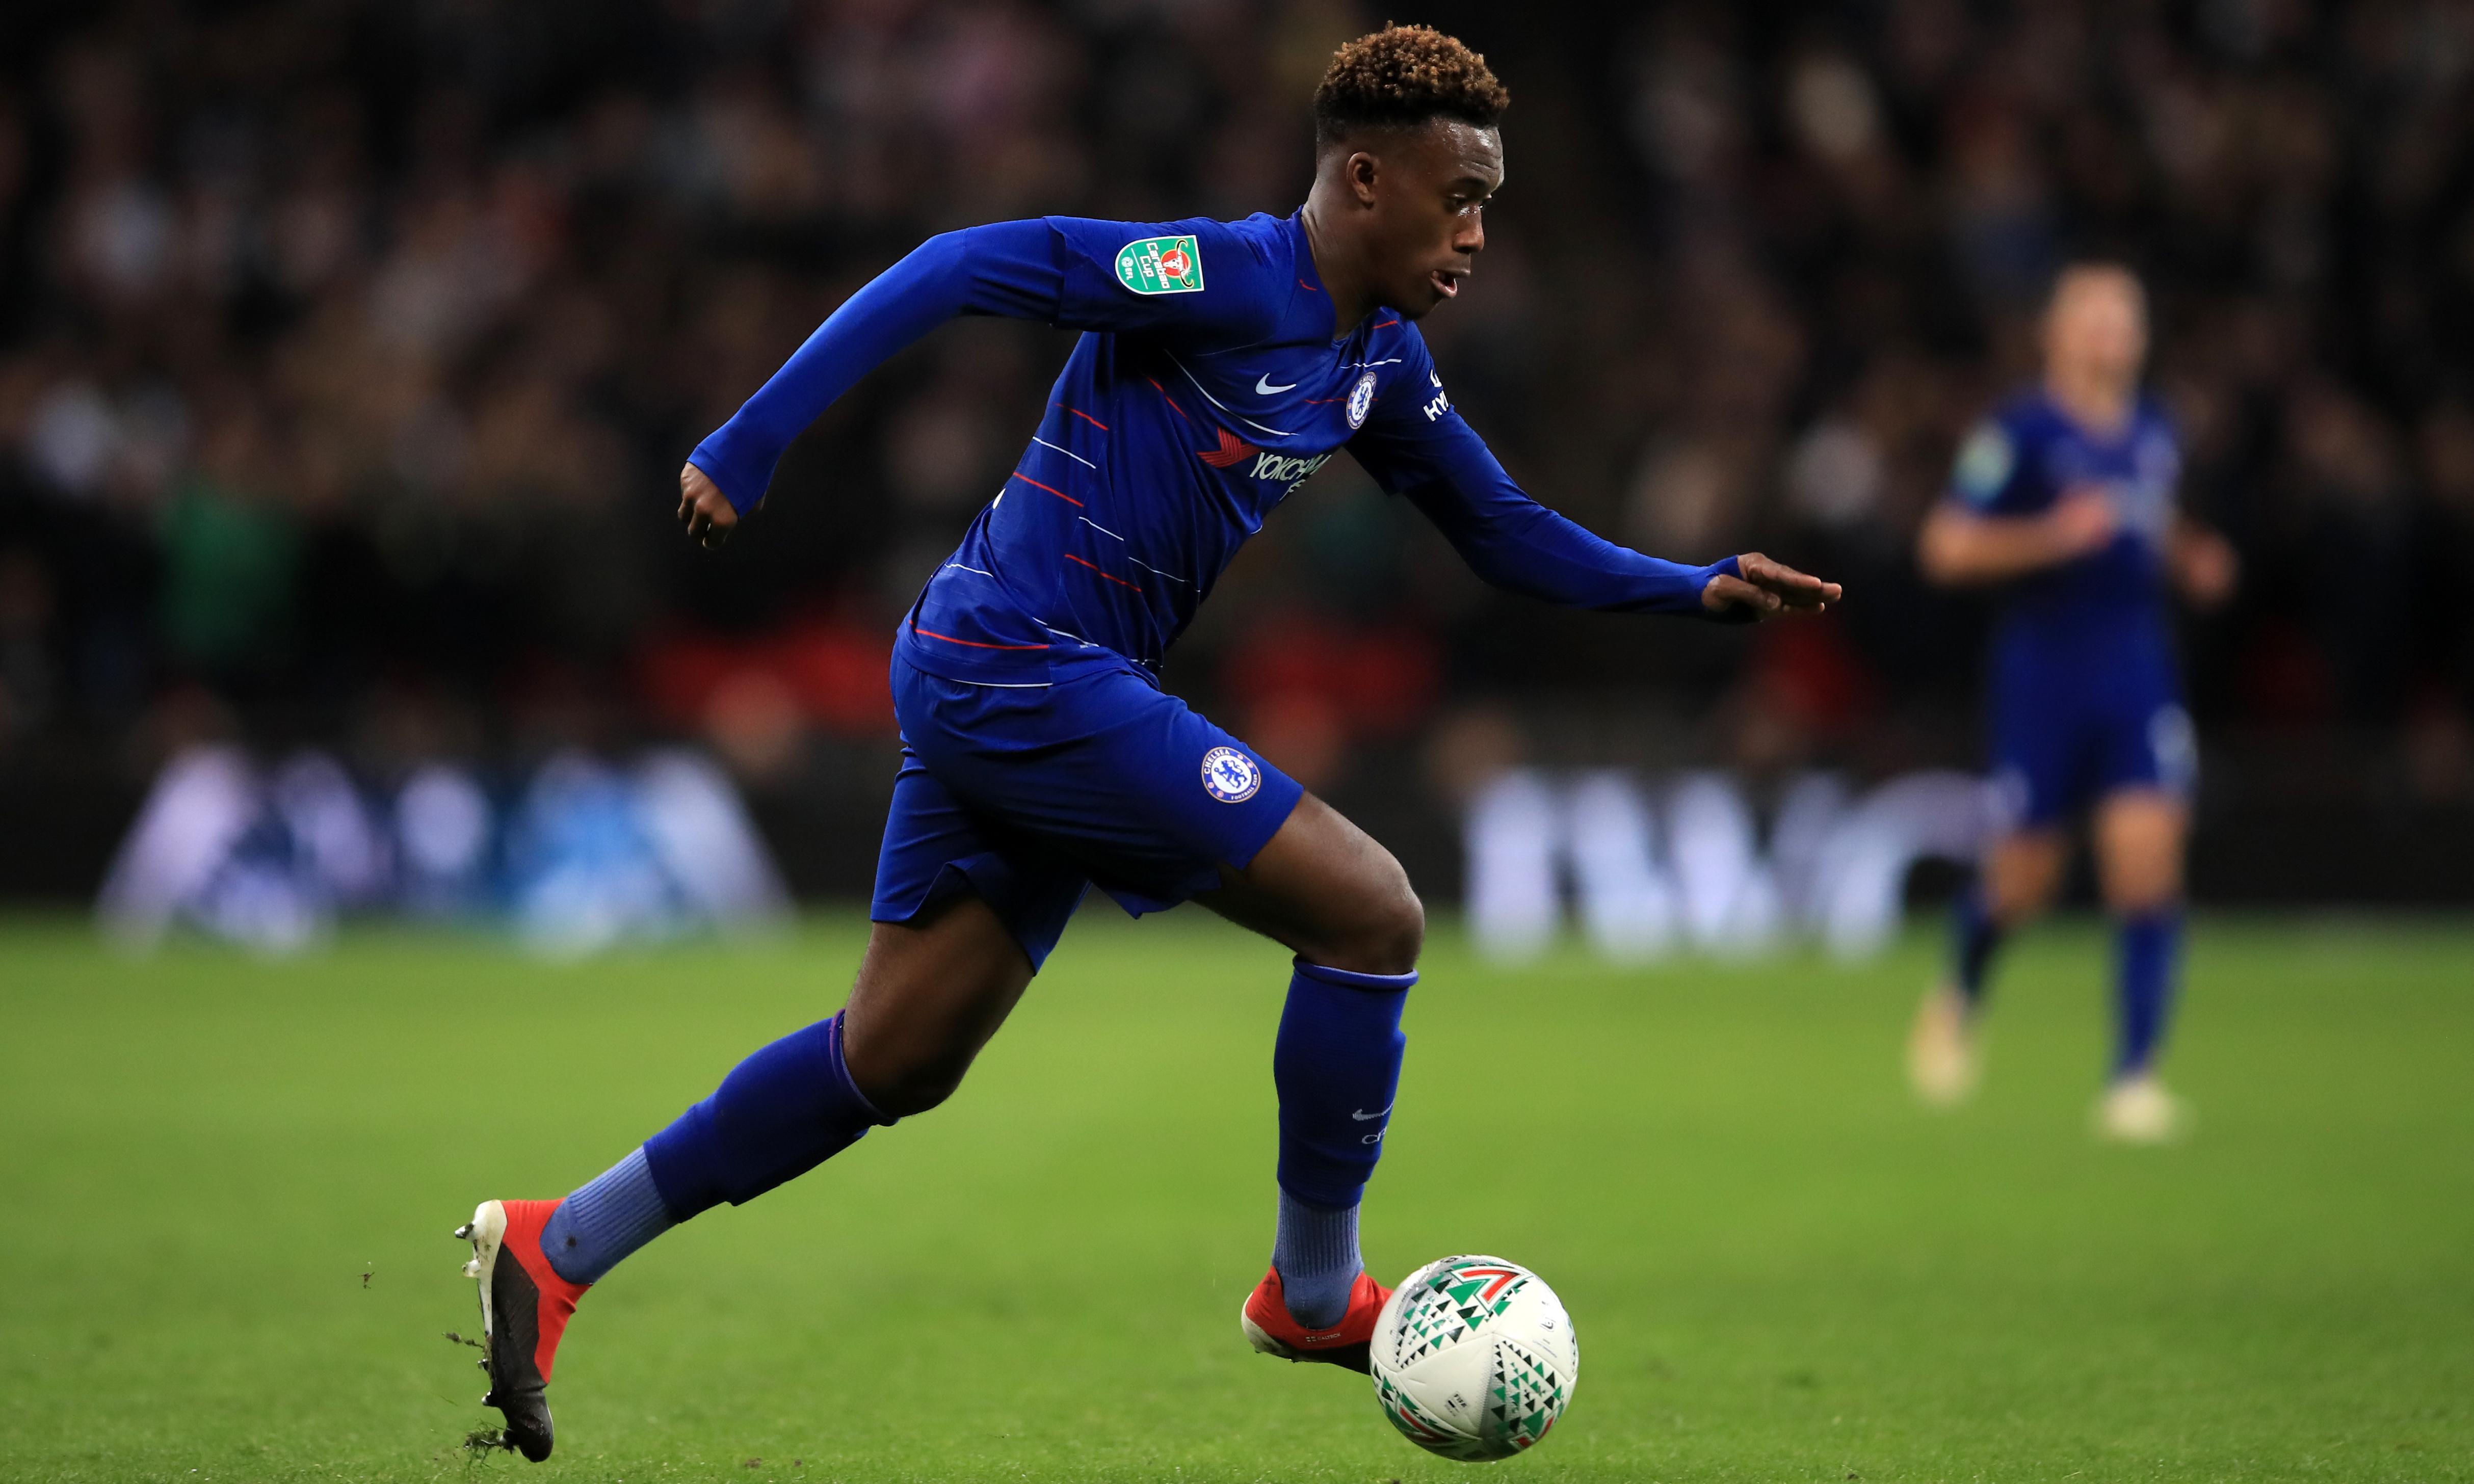 Football transfer rumours: PSG join the race for Callum Hudson-Odoi?